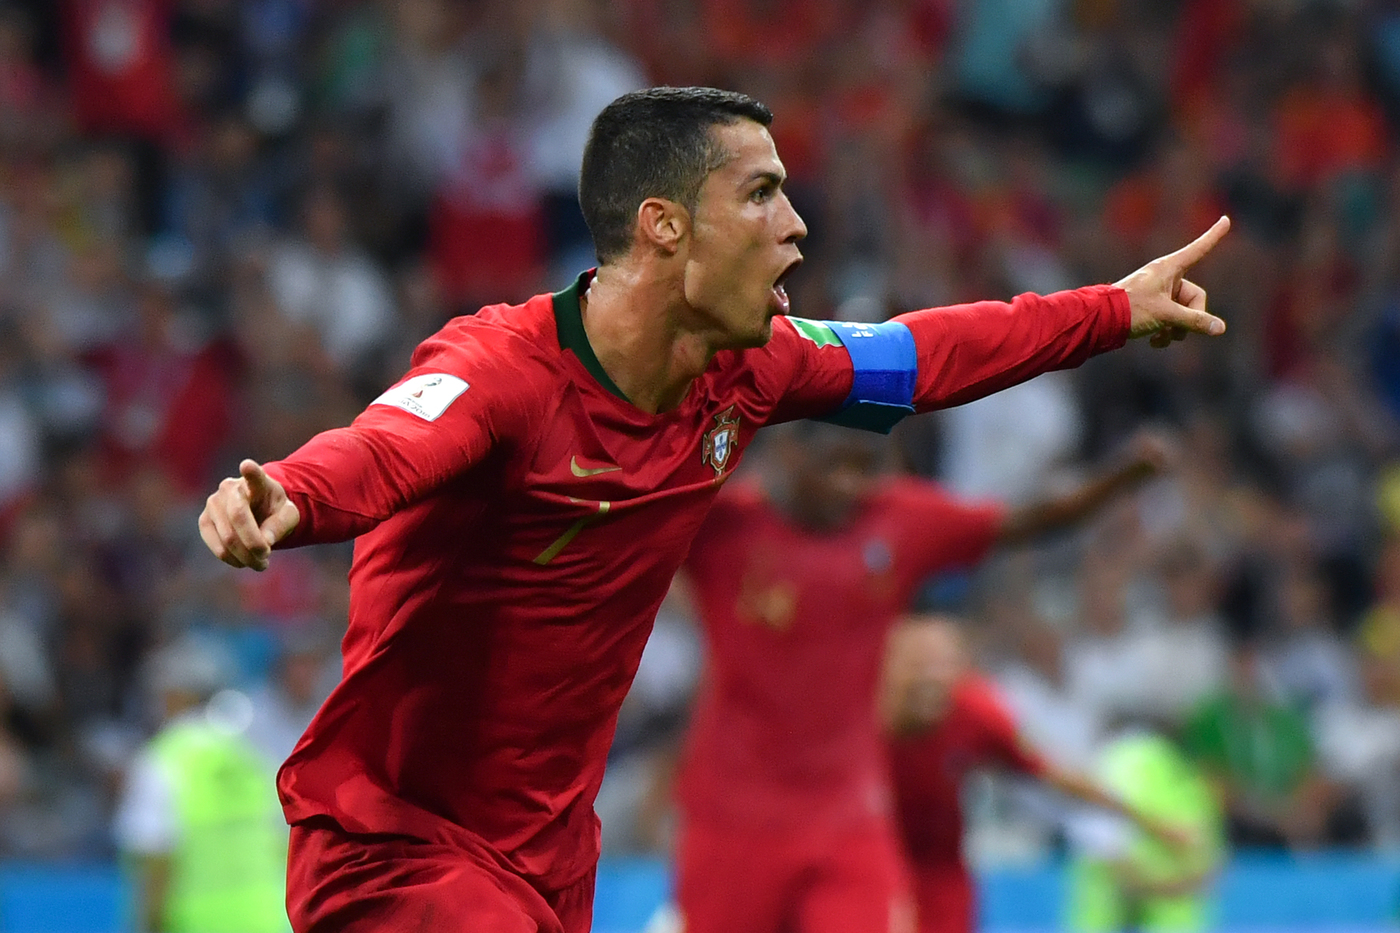 Lituania-Portogallo 10 settembre: il pronostico delle qualificazioni europee